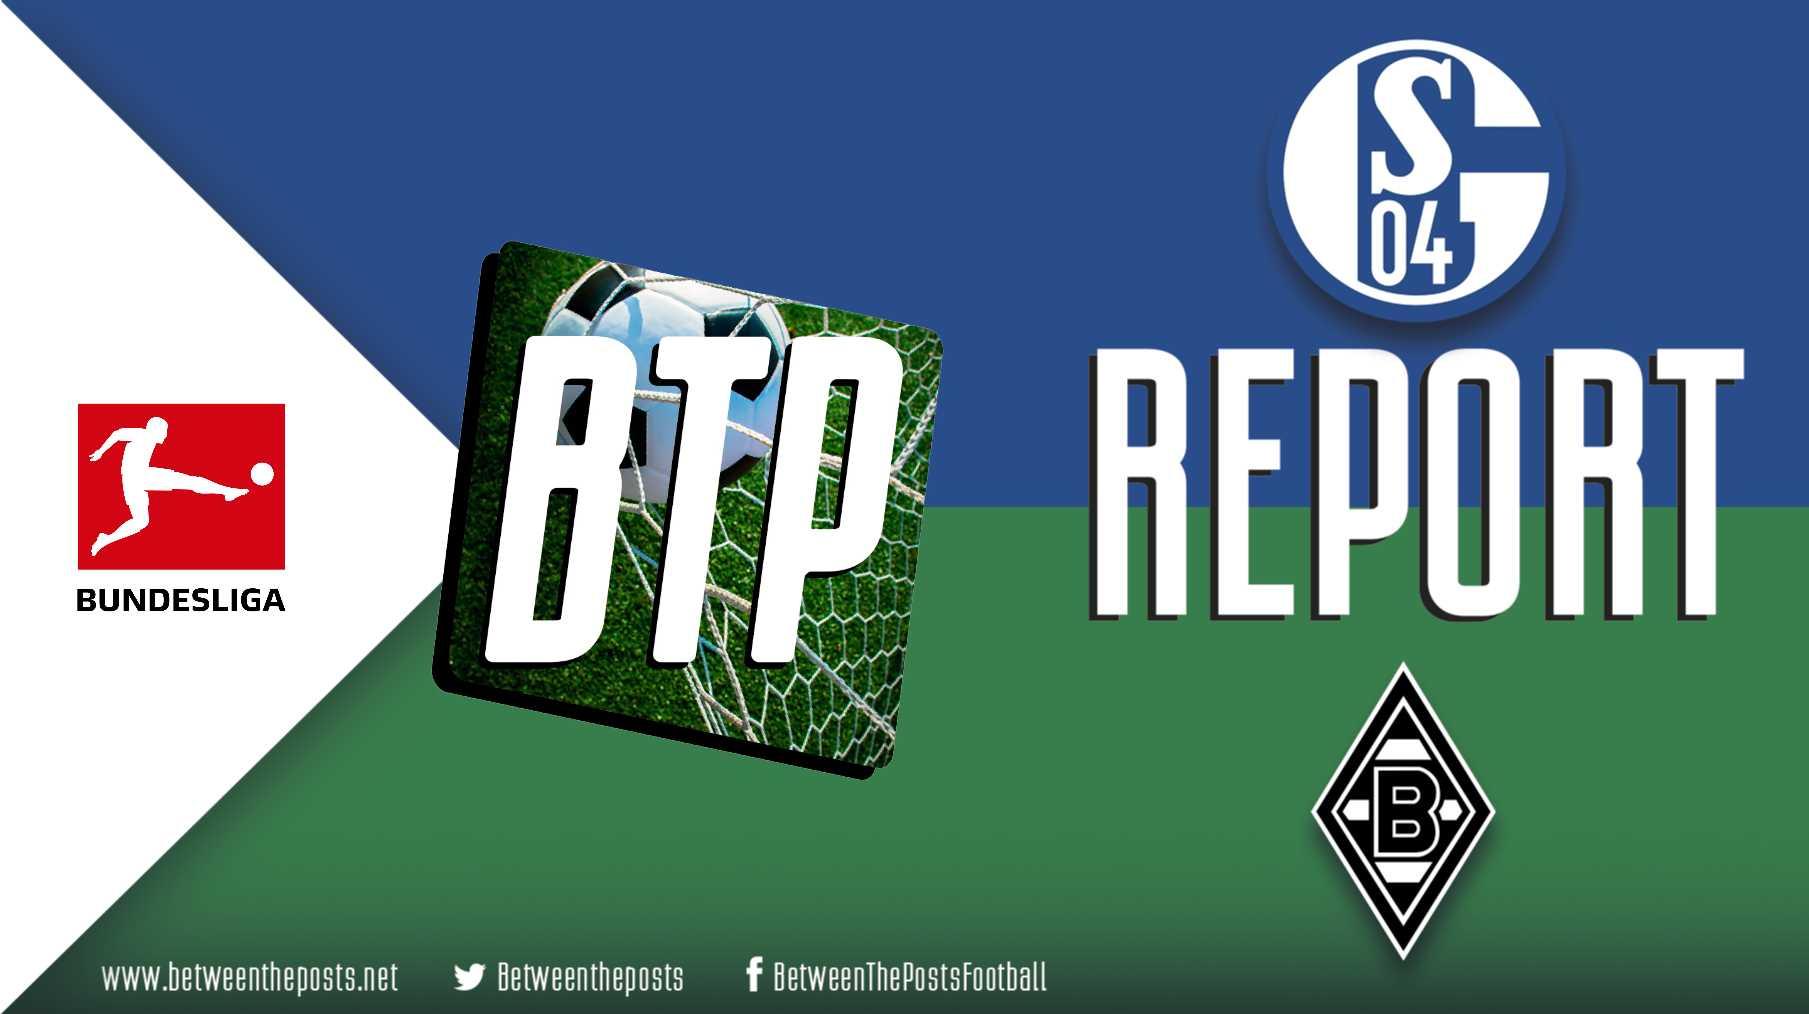 Tactical analysis Schalke 04 Borussia Monchengladbach 2-0 Bundesliga